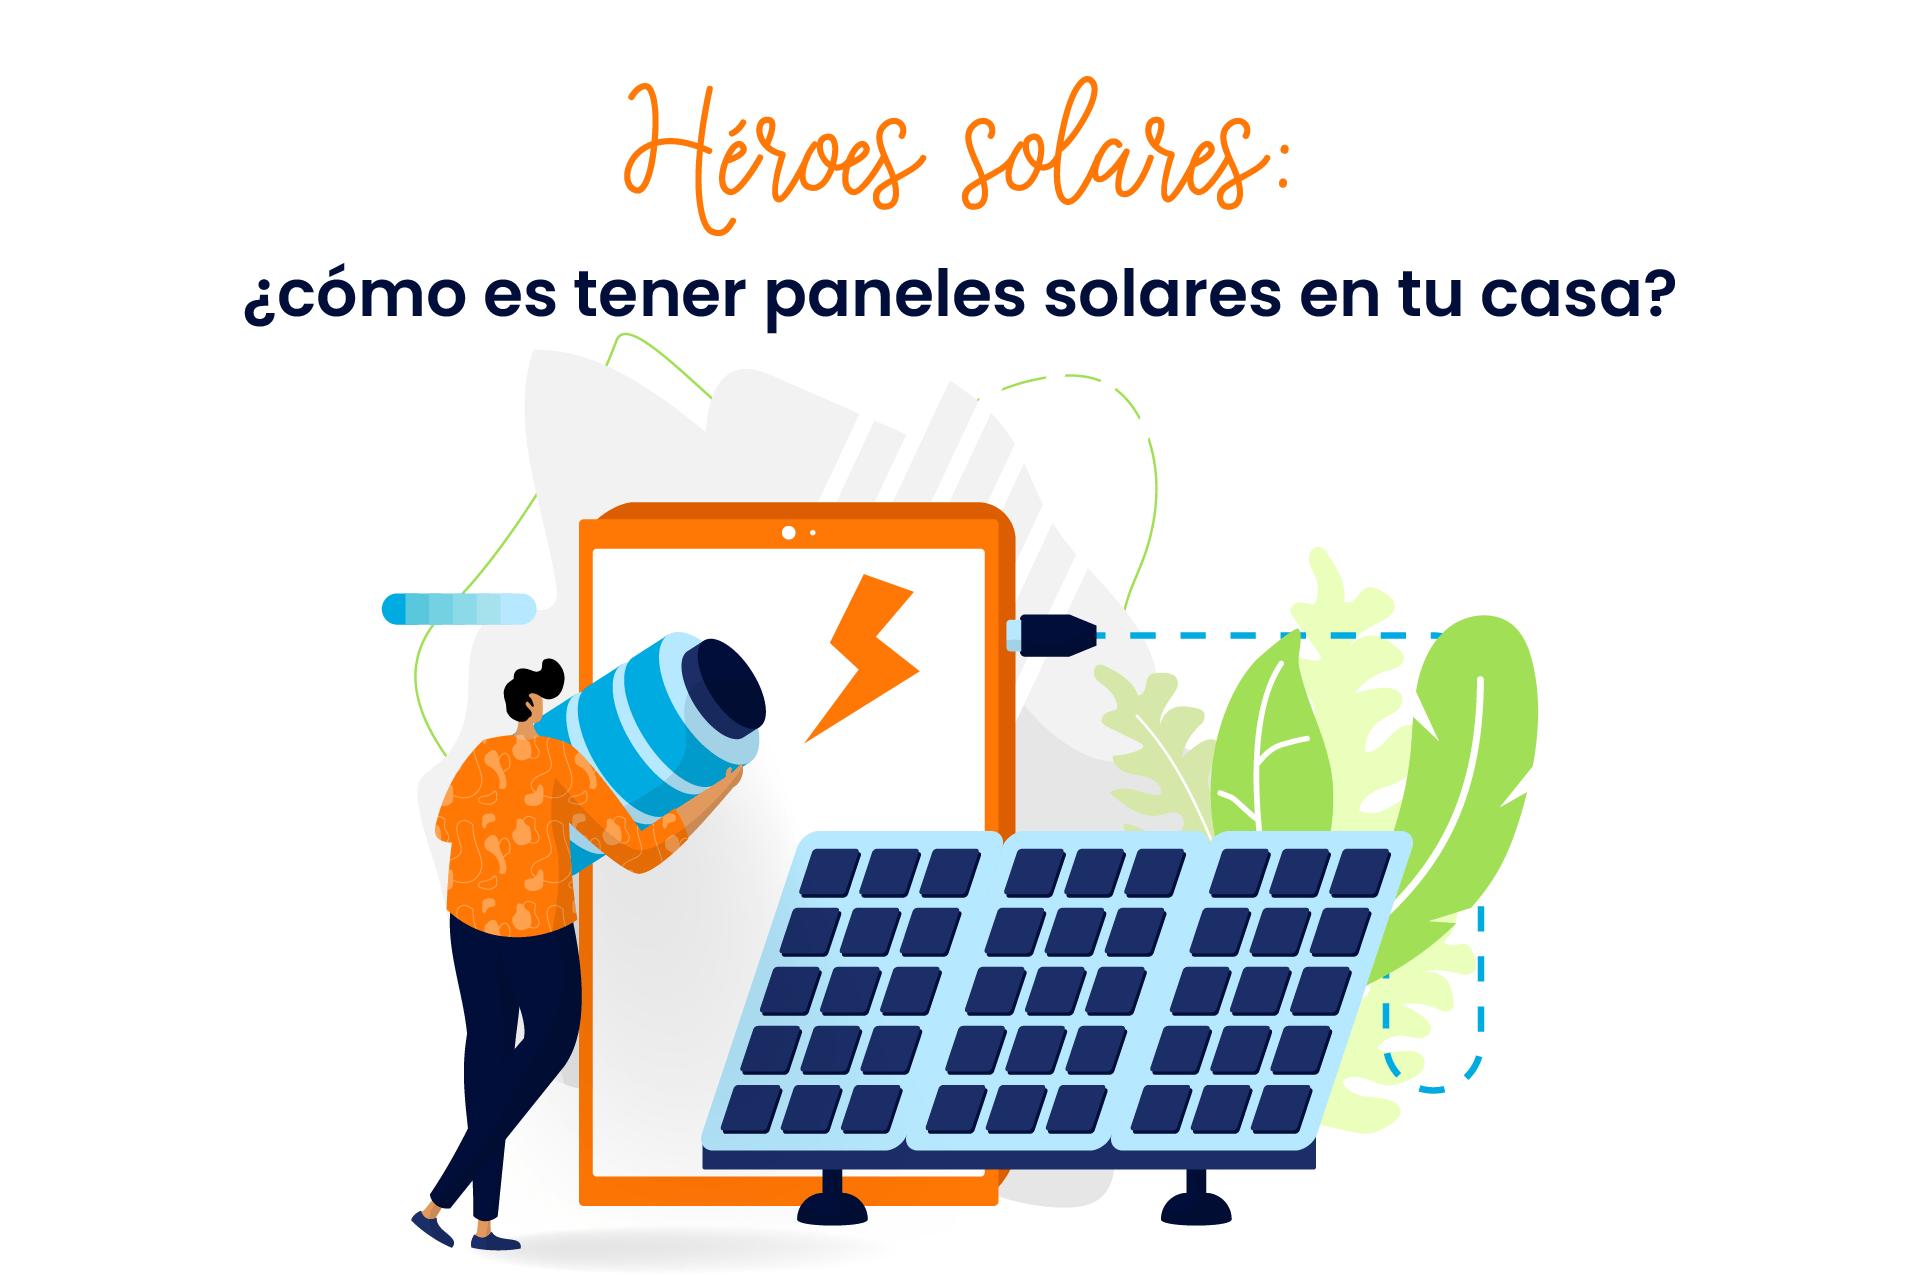 Héroes solares: ¿cómo es tener paneles solares en tu casa?